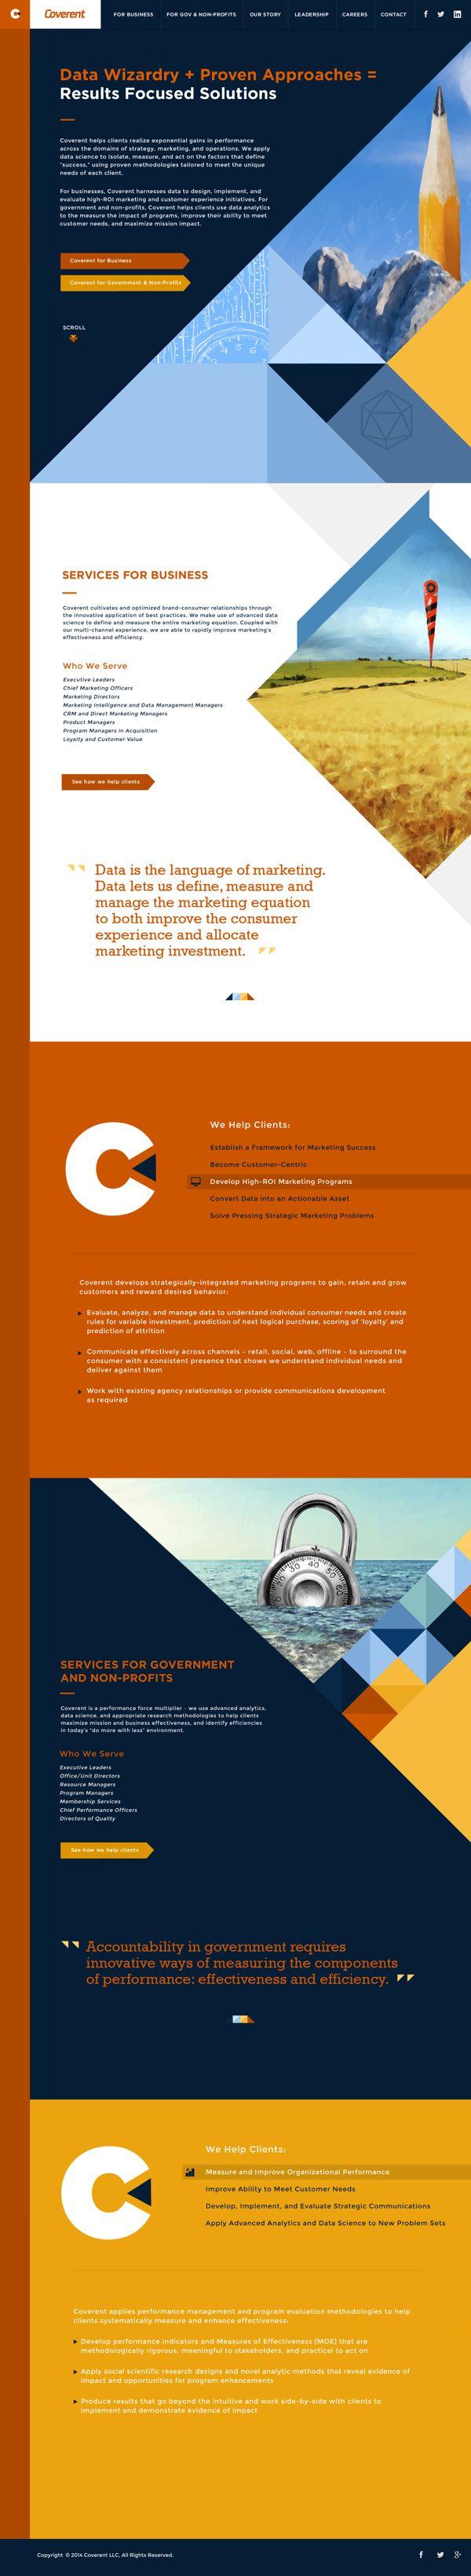 Coverent Website on Web Design Served